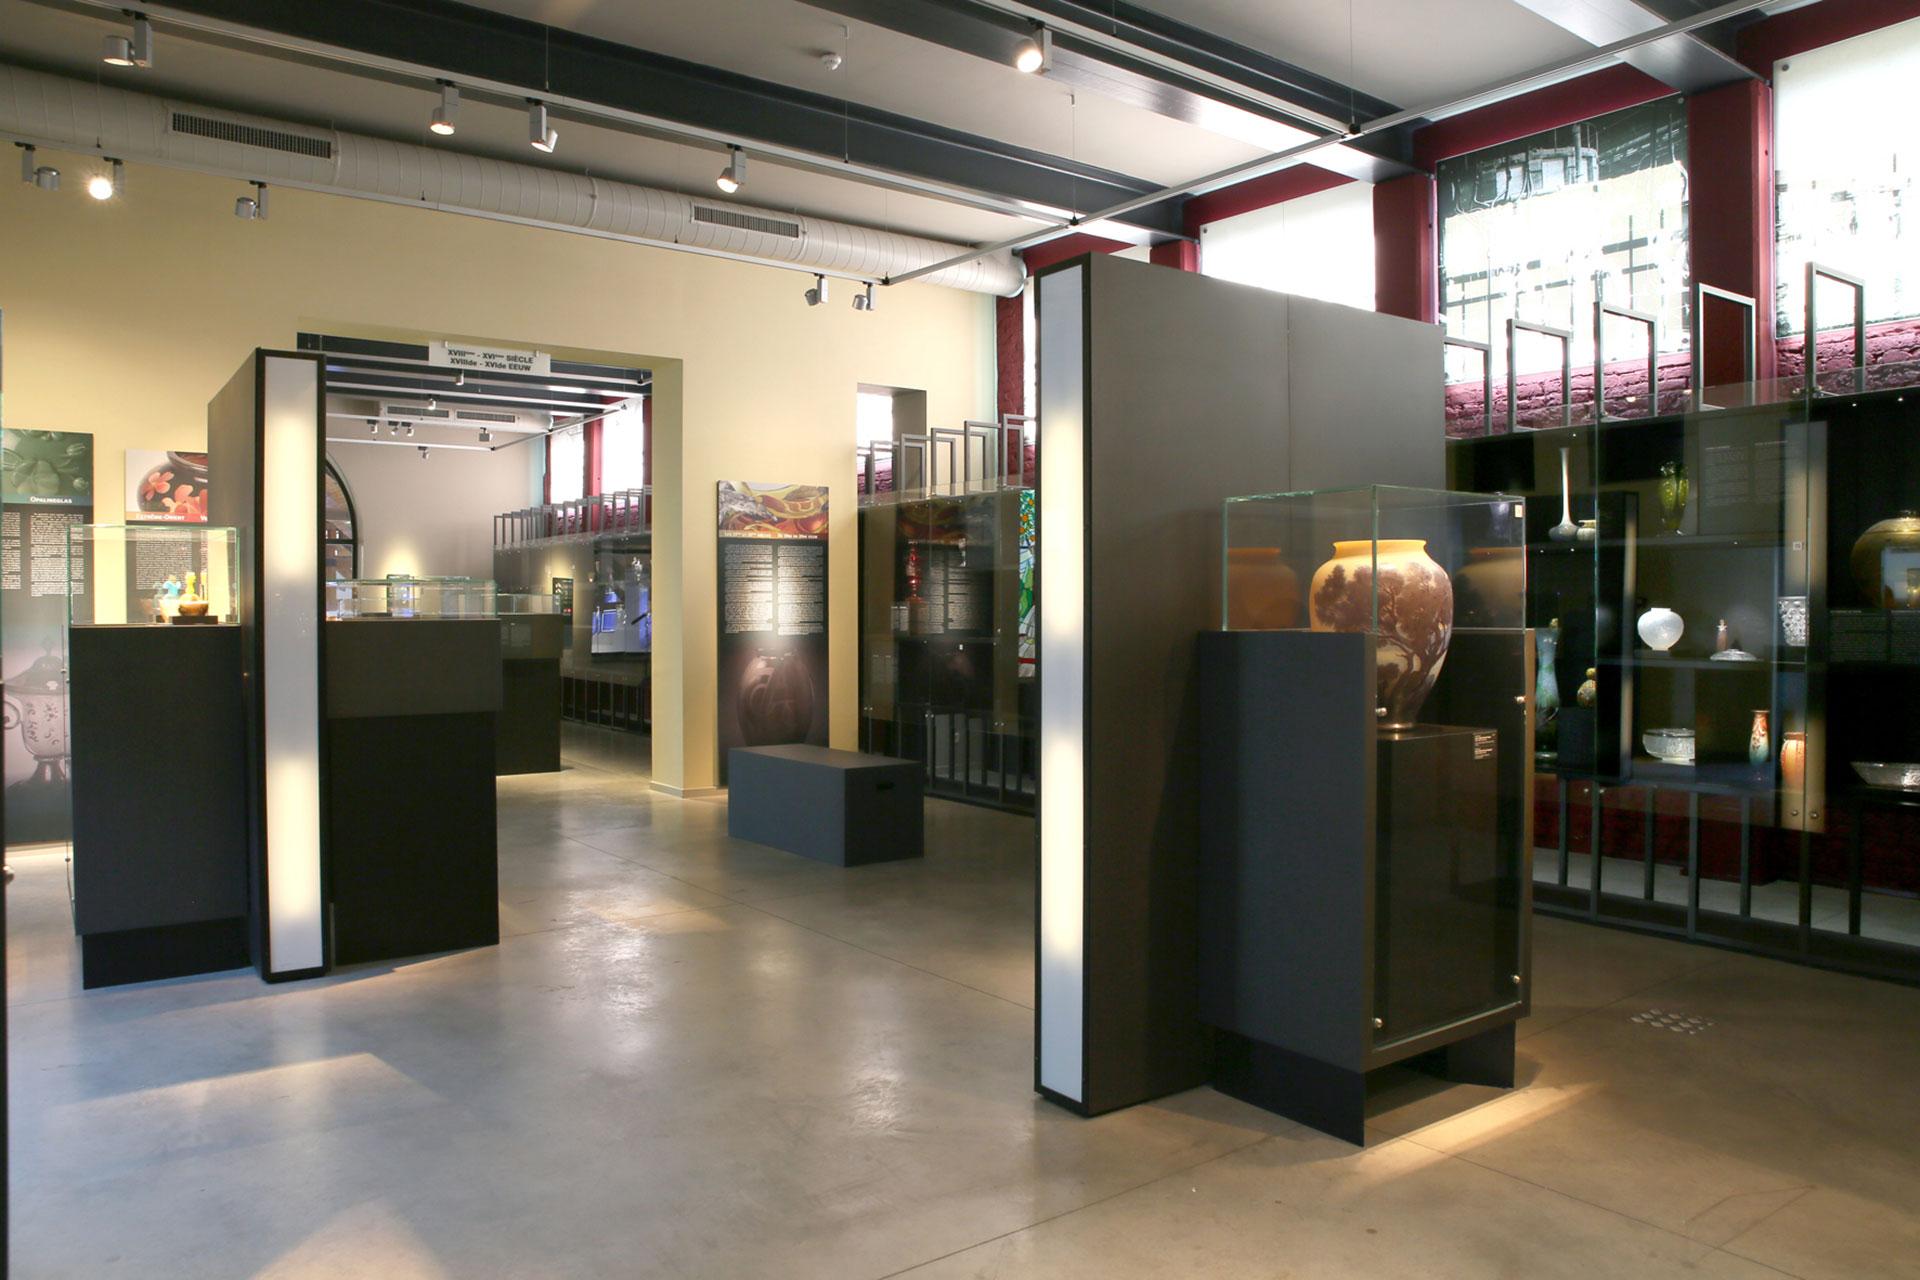 Musée - Verre - Bois du Cazier